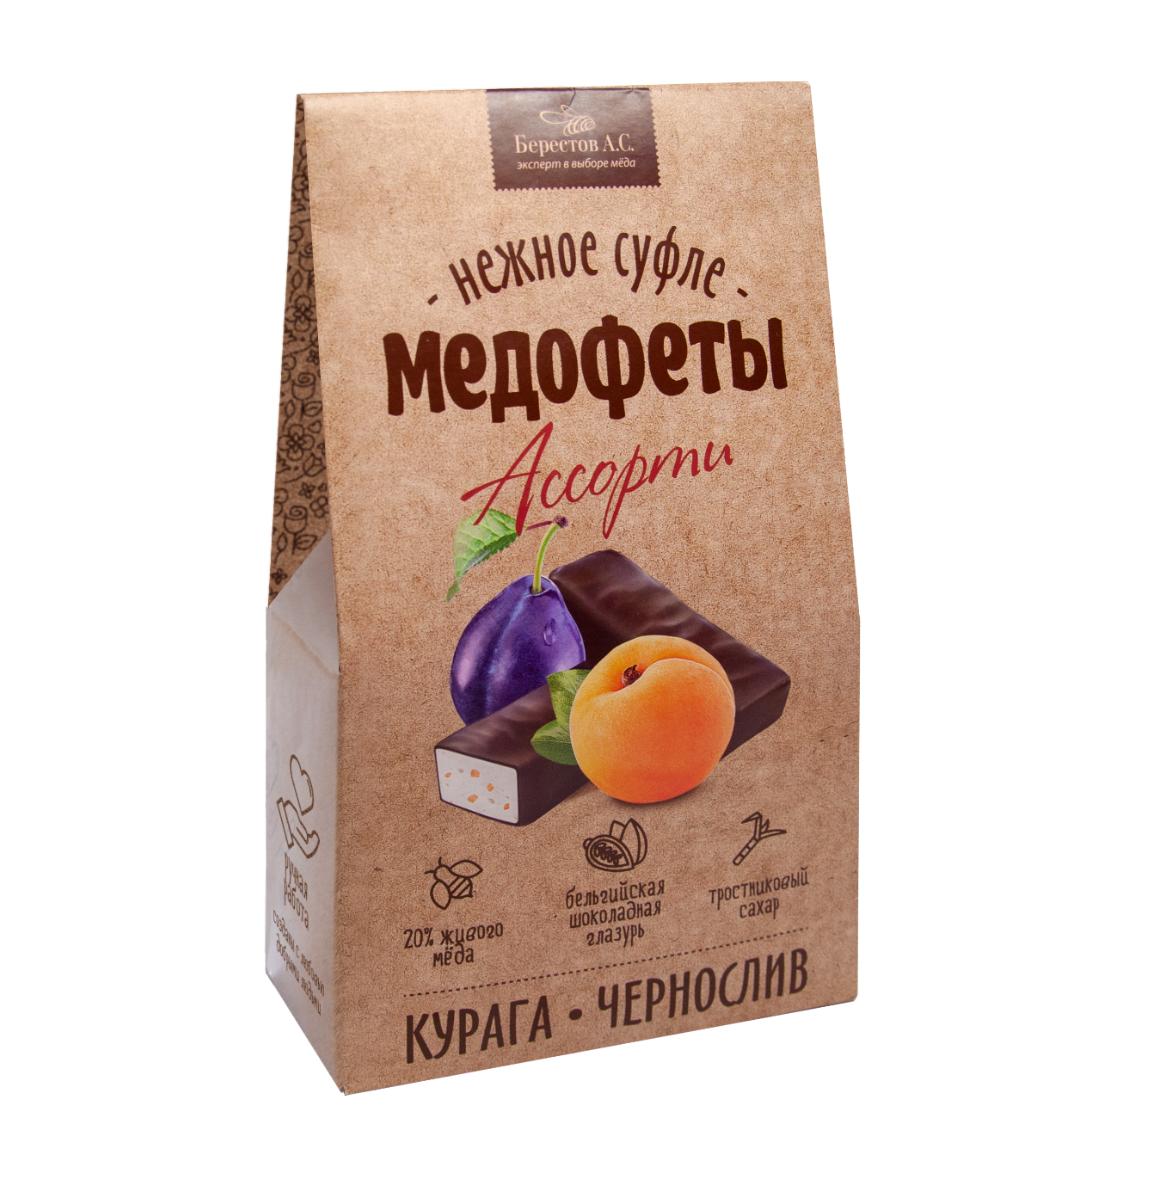 Медофеты Суфле Ассорти с курагой/черносливом и медом в шоколадной глазури